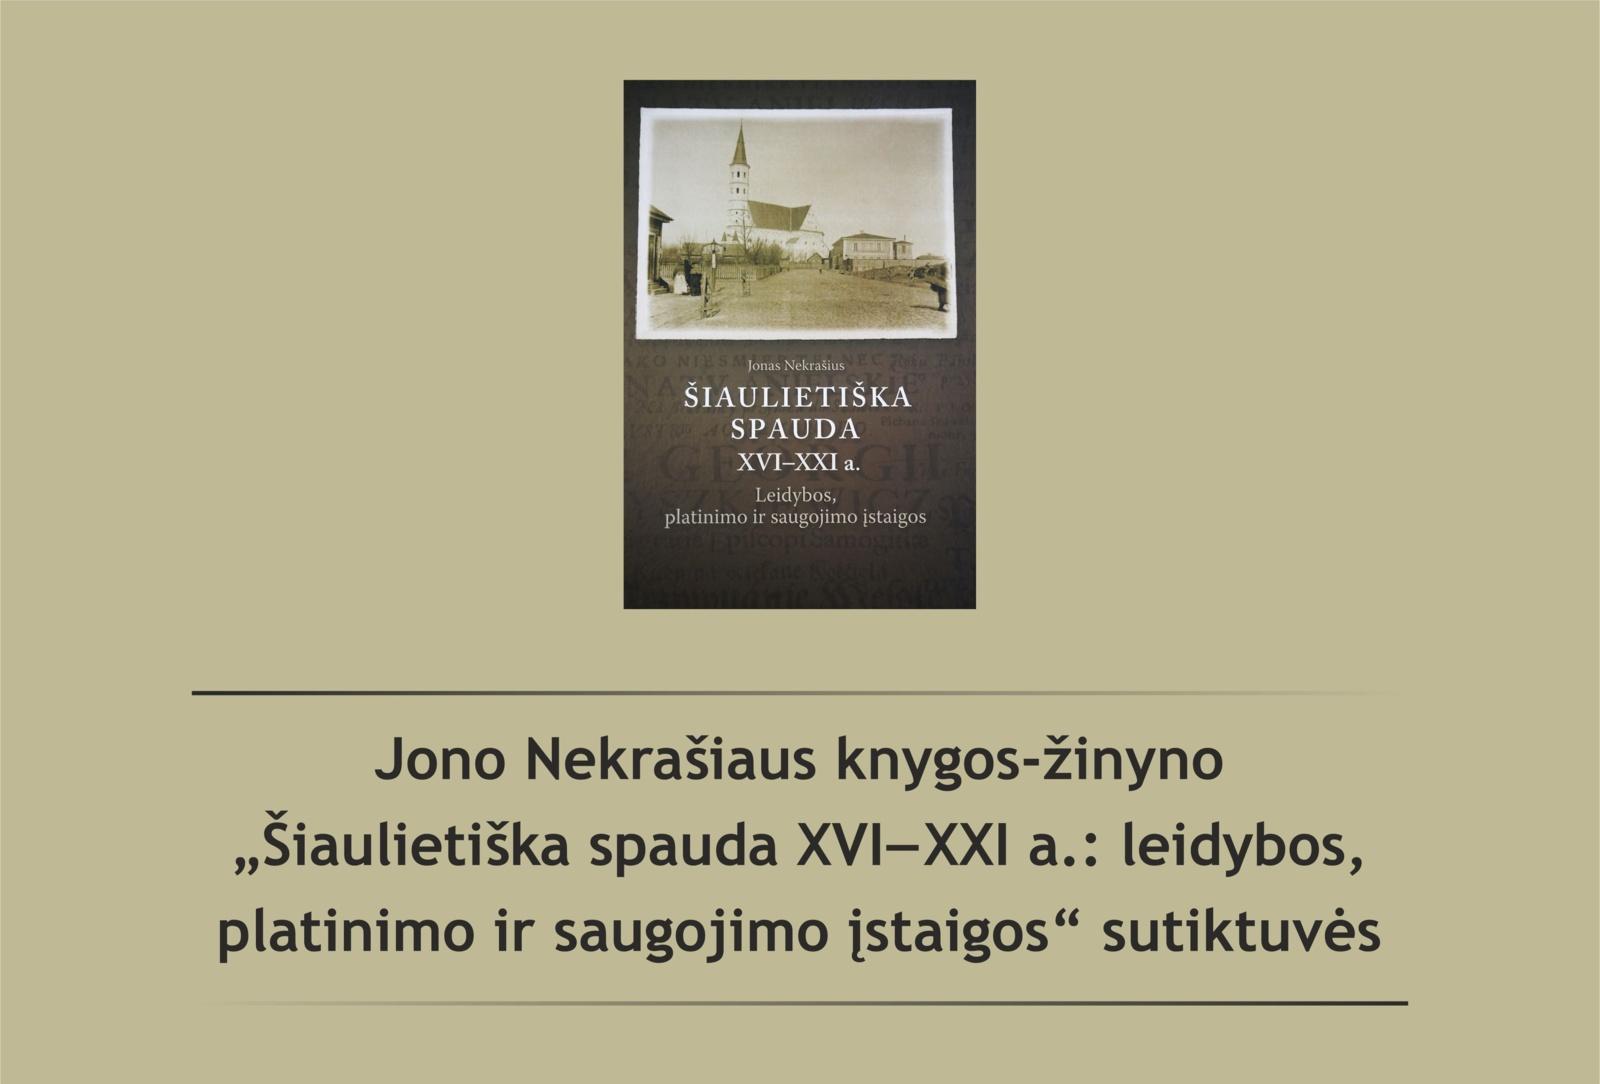 Jono Nekrašiaus knygos-žinyno apie šiaulietišką XVI–XXI a. spaudą sutiktuvės